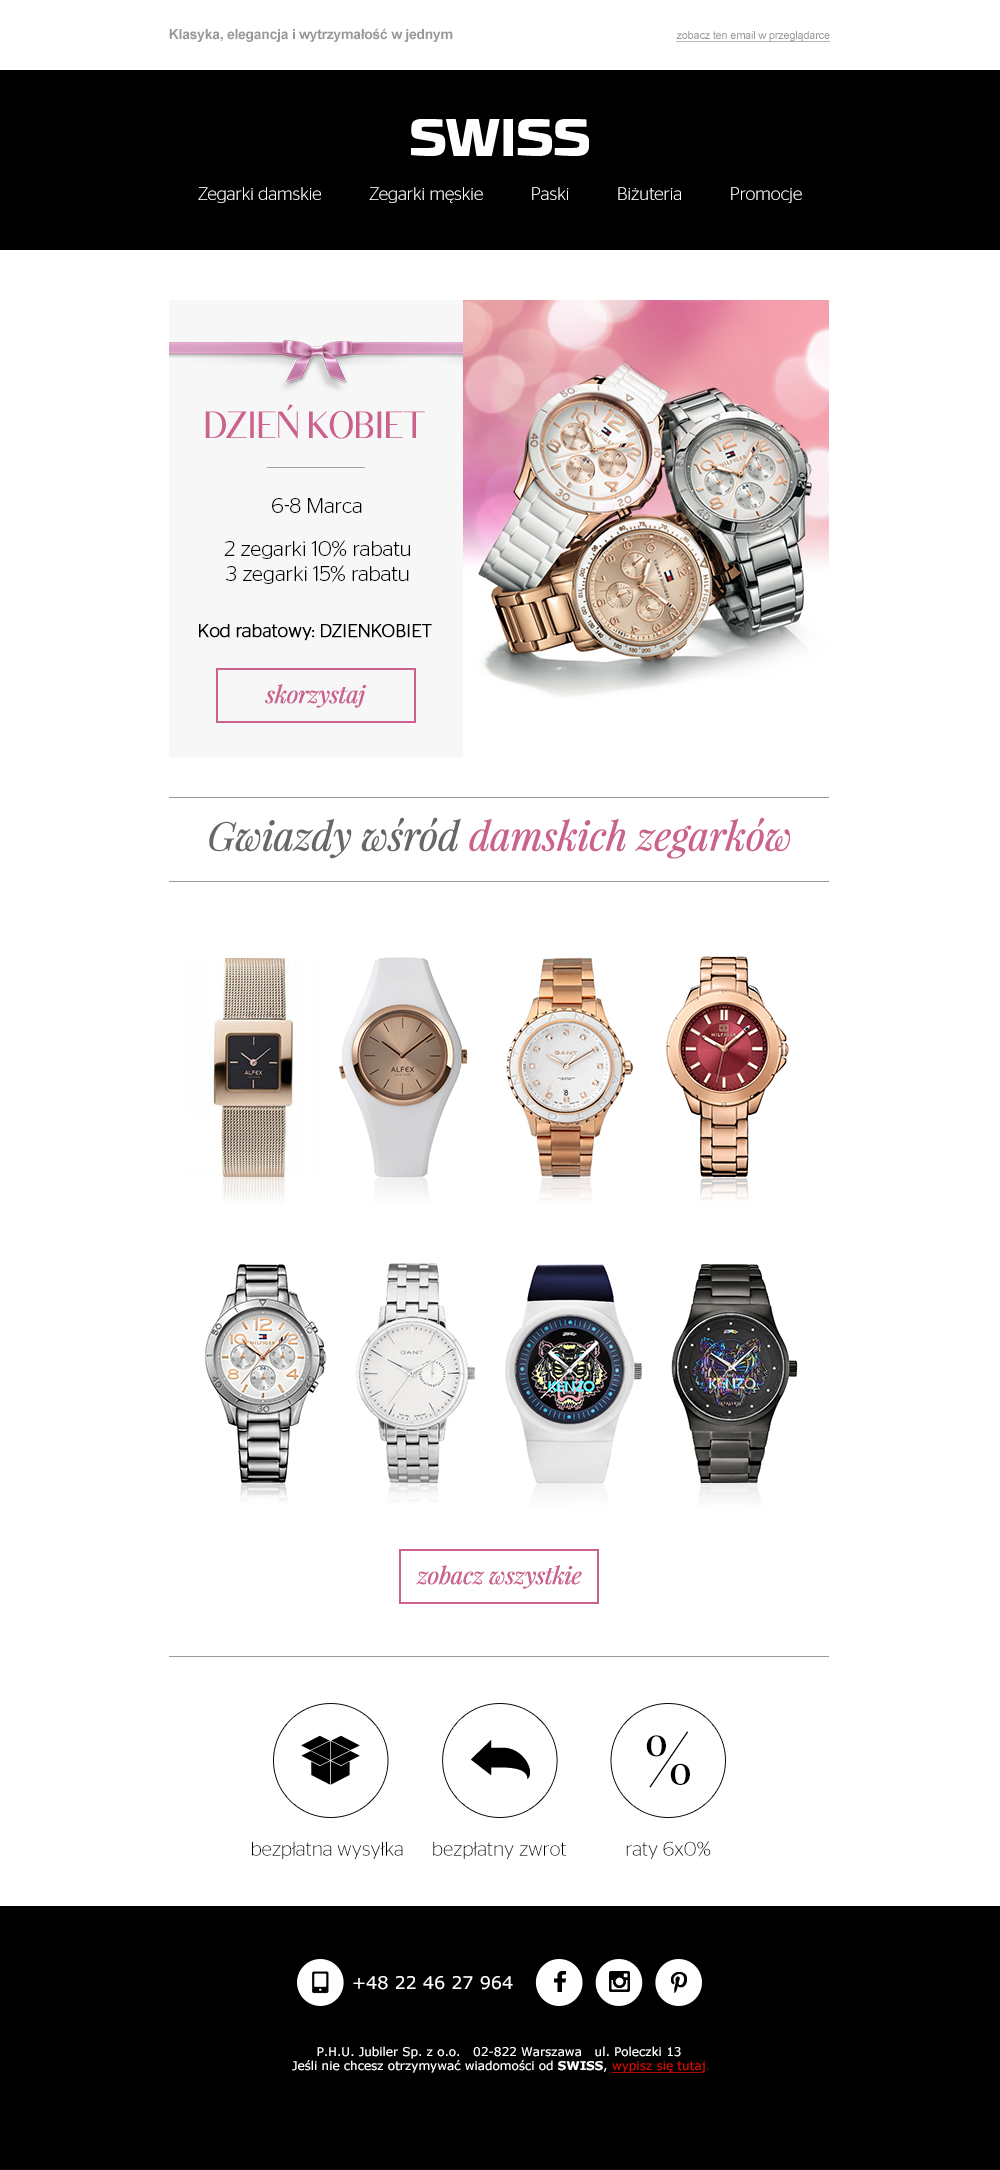 Newsletter przygotowany dla marki Swiss, przedstawiający specjalną ofertę z okazji Dnia Kobiet #email #newsletter #ecommerce  #swiss #template